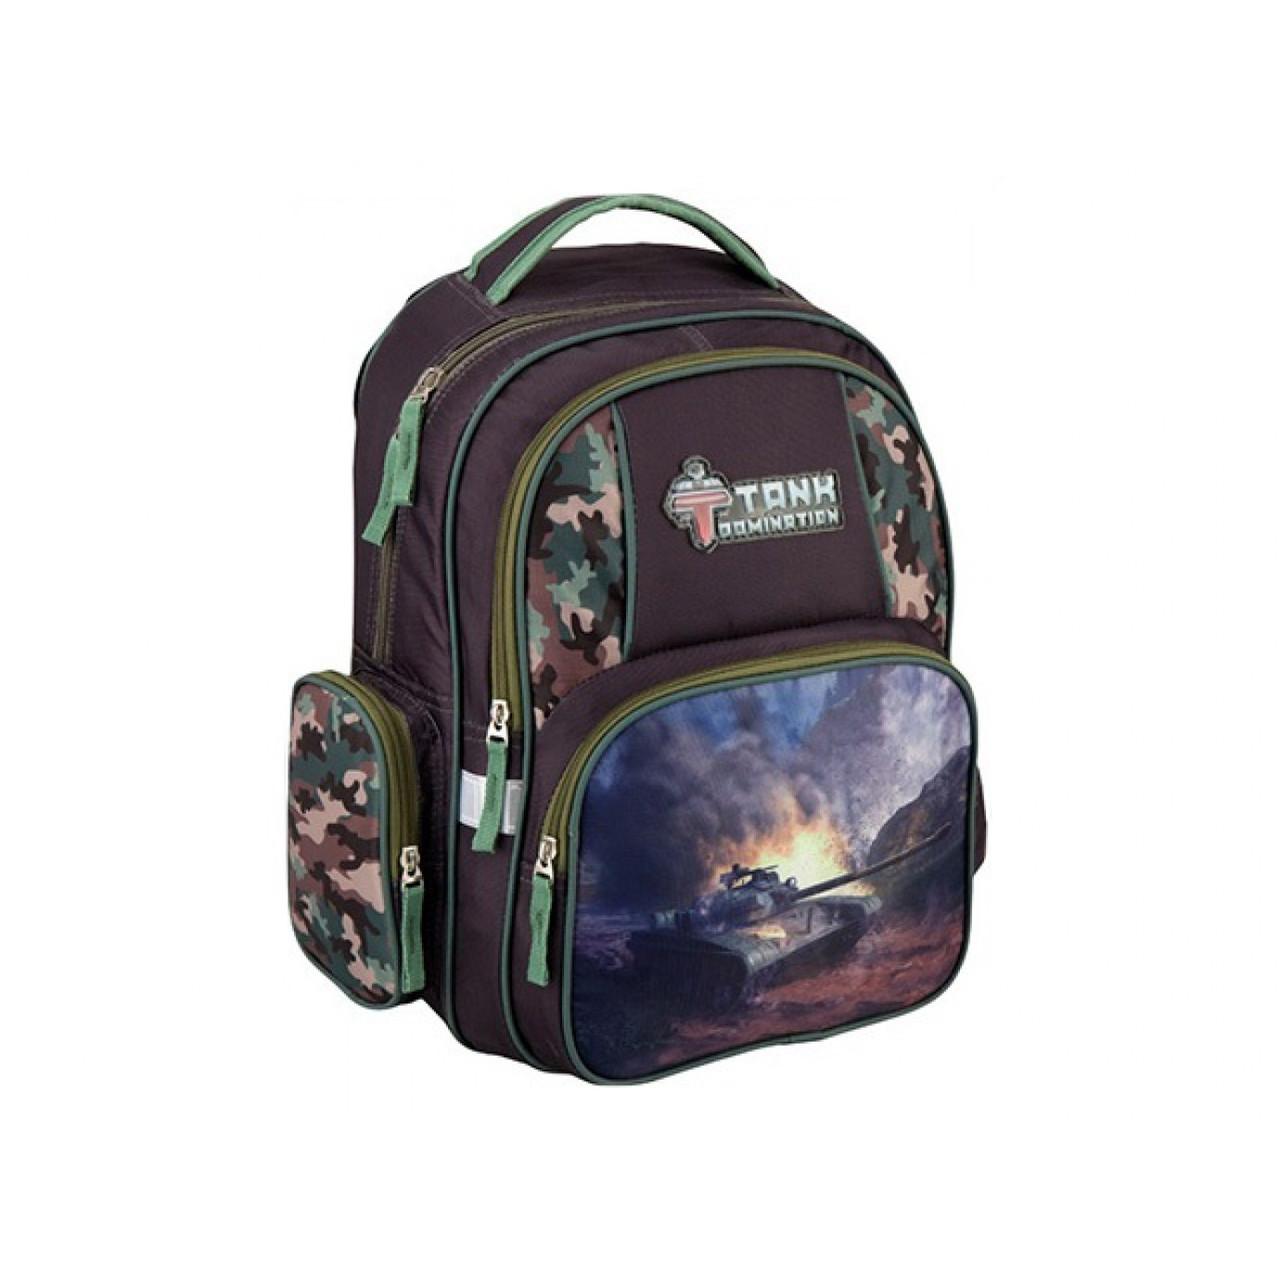 Рюкзак шкільний Kite Tanks Domination 3 відділення 2 кишені TD16-514S